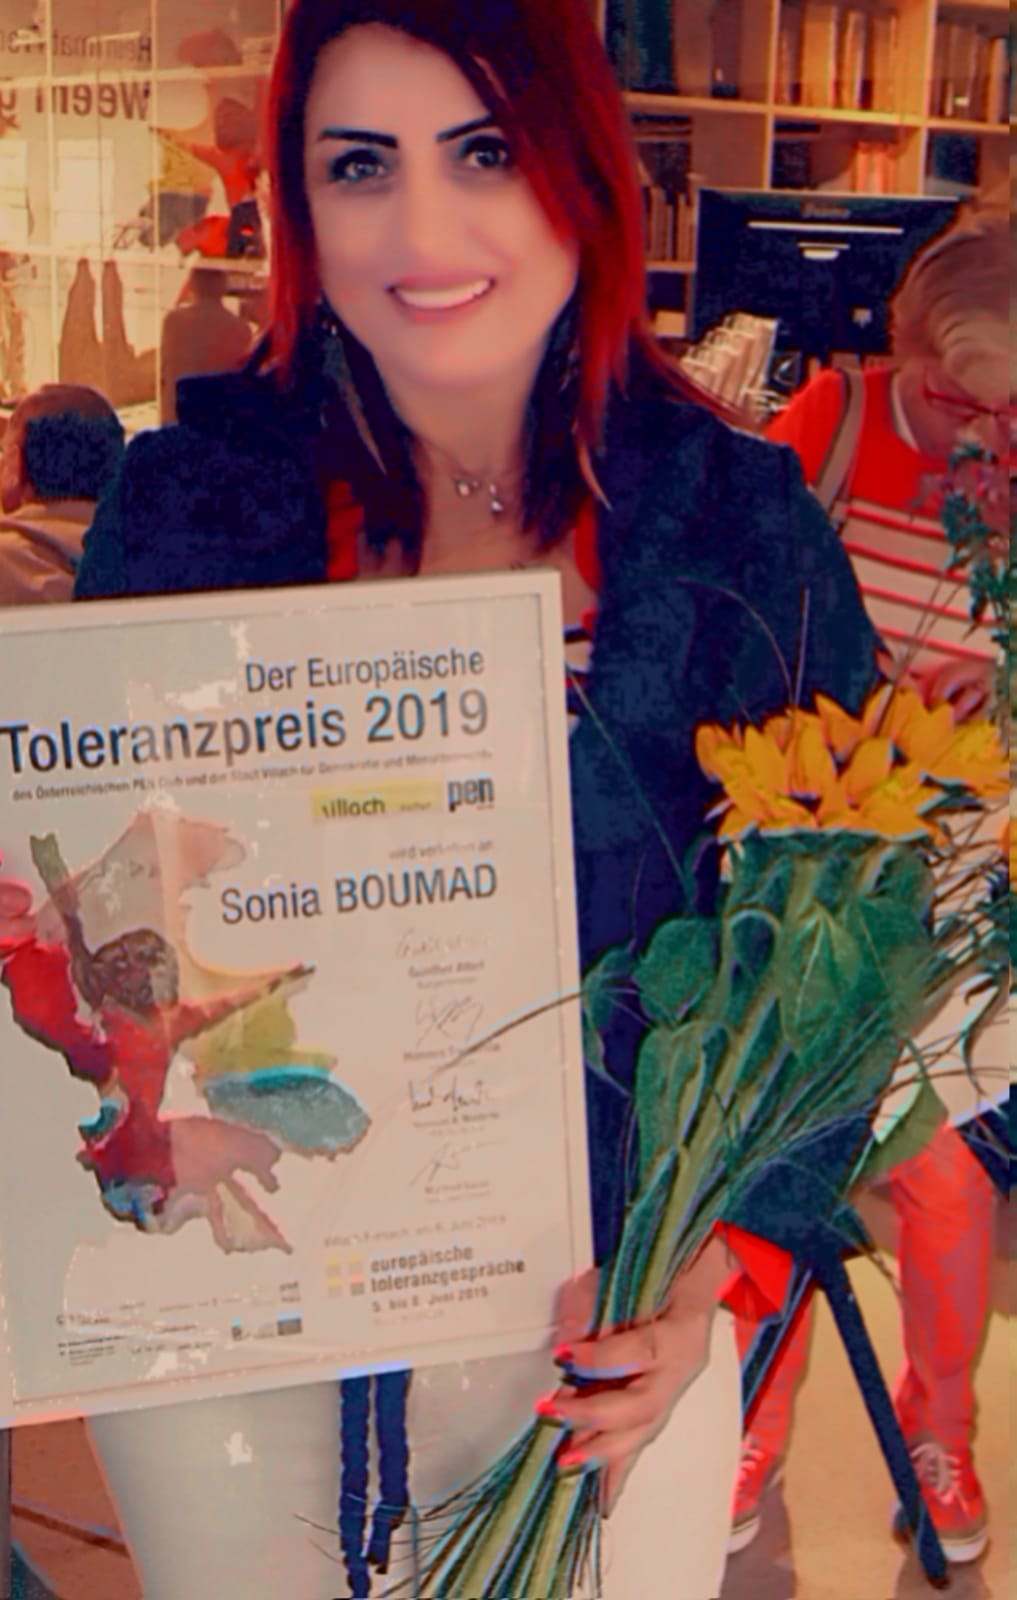 حصول الكاتبة سونيا بوماد على جائزة التسامح  (1)